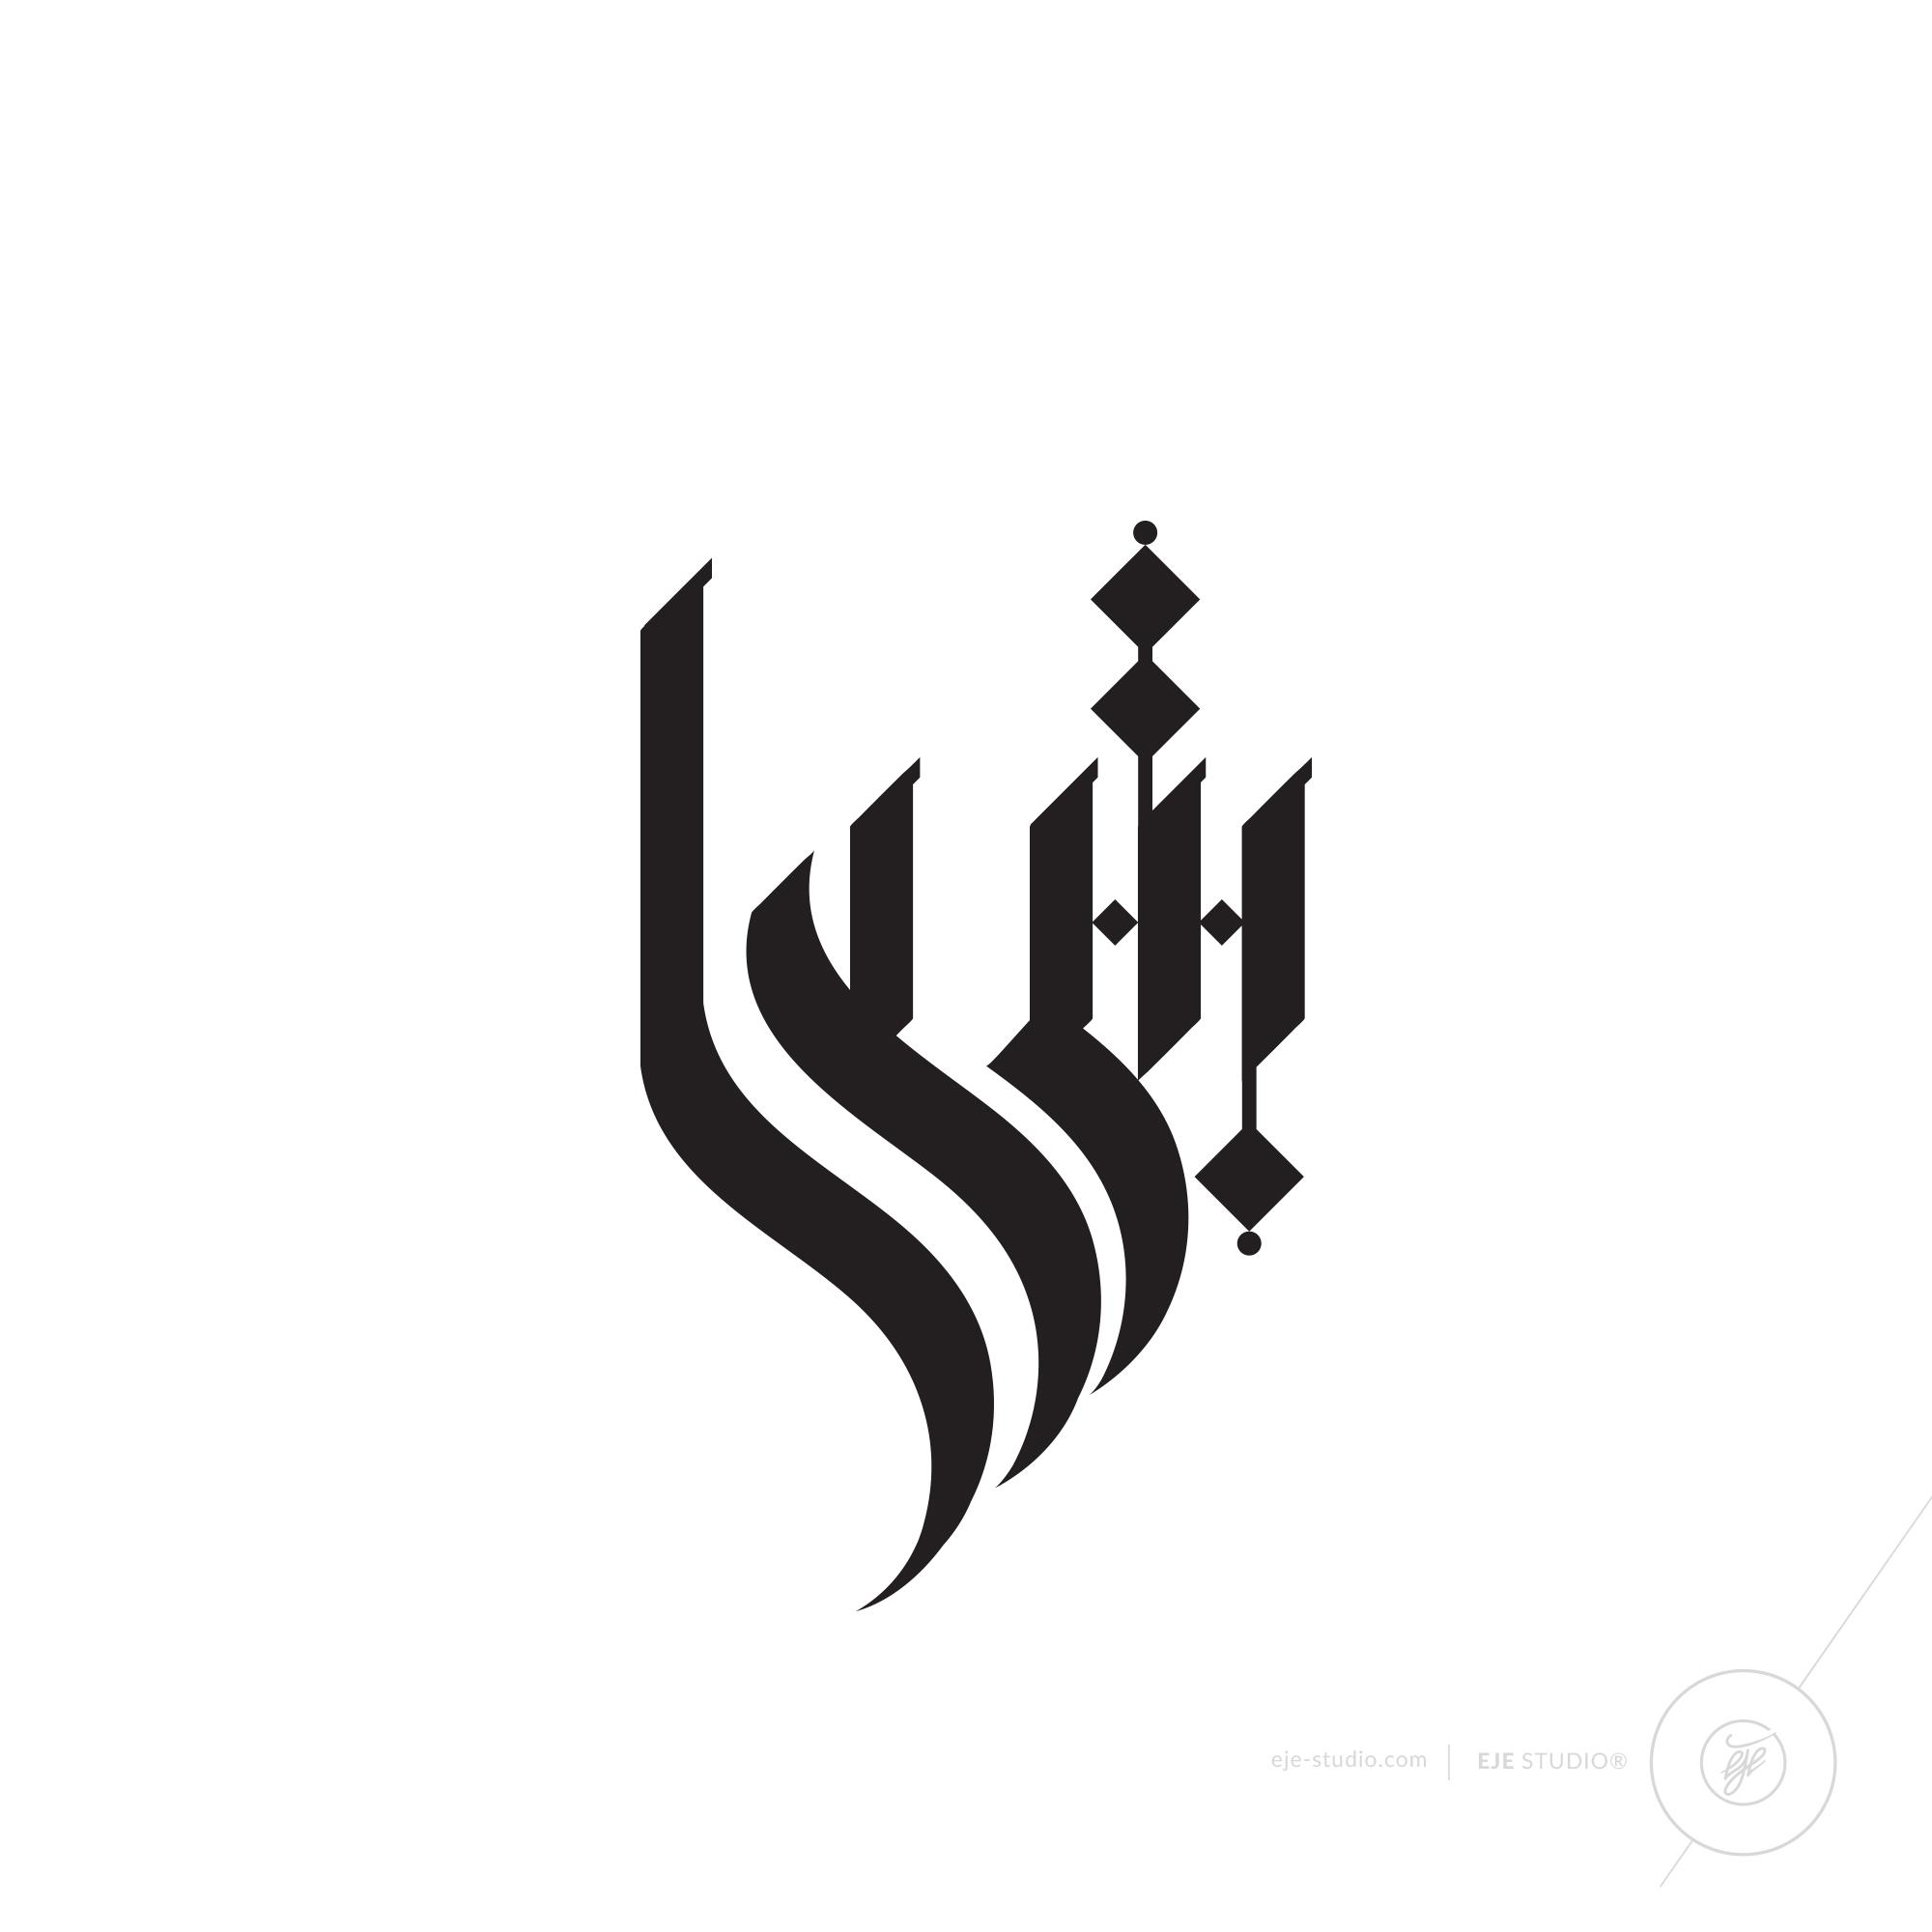 Arabic Logo By Eje Studio Ebrahim Jaffar By One Bh On